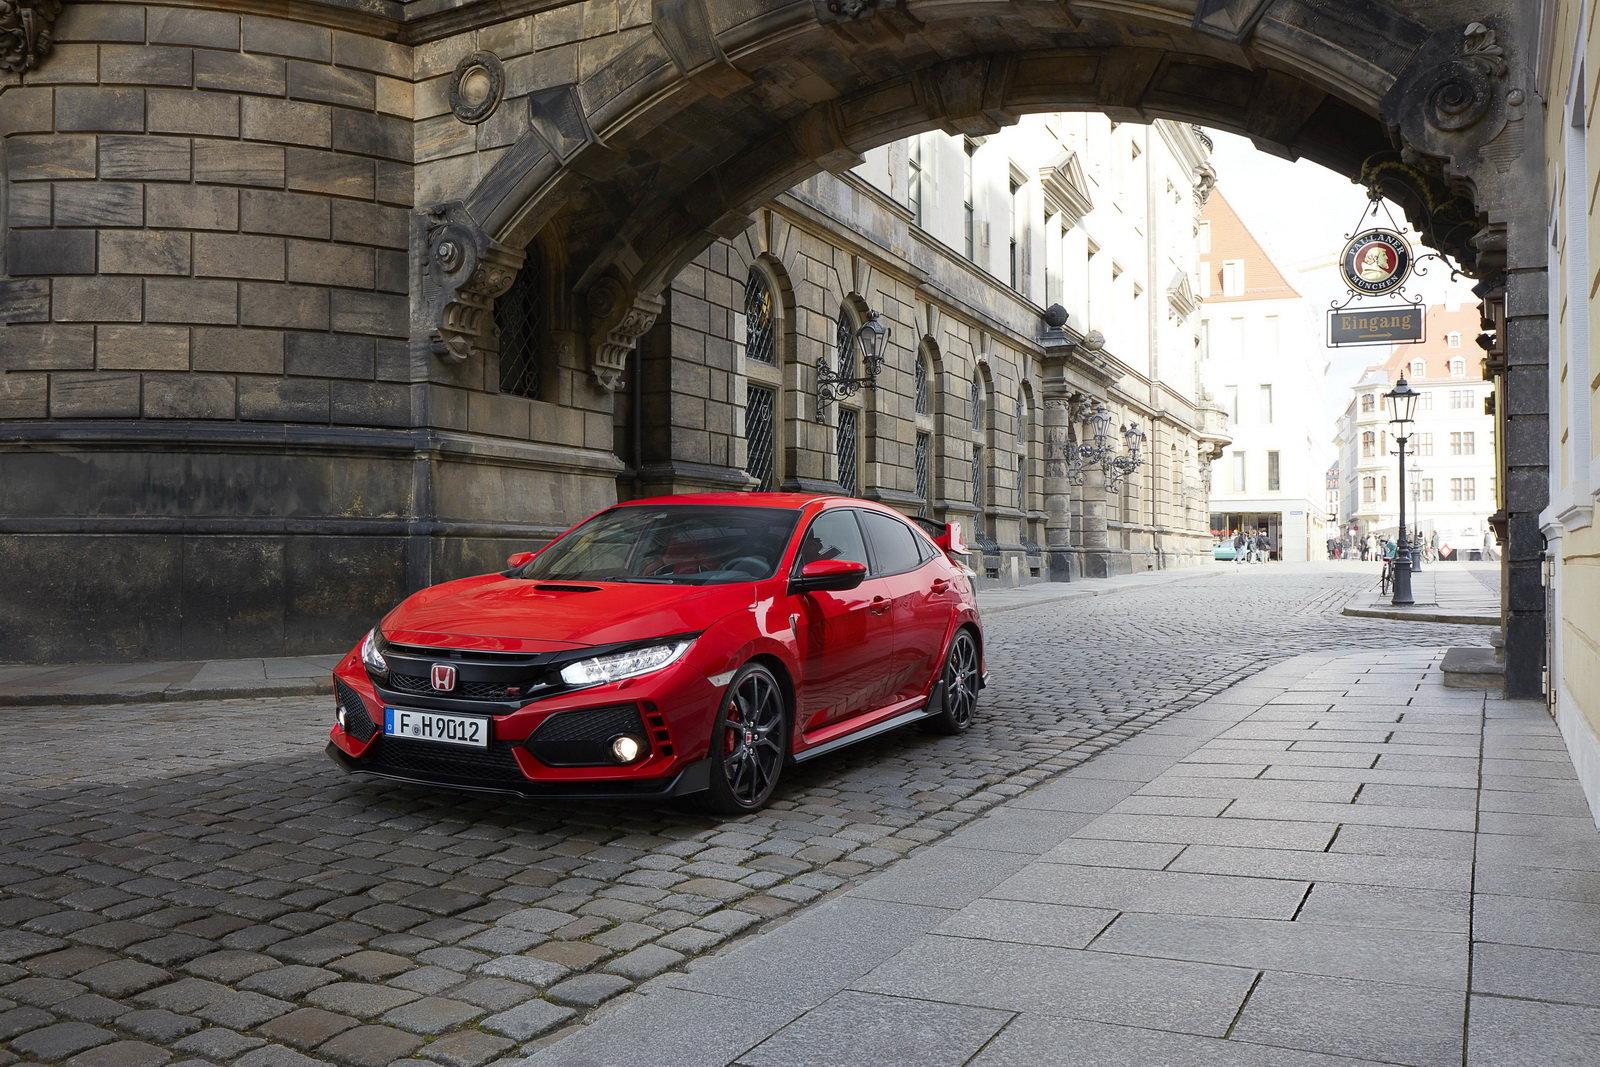 Fotografie č. 11 u článku Honda Civic Type R sbírá další vavříny cbc167d341